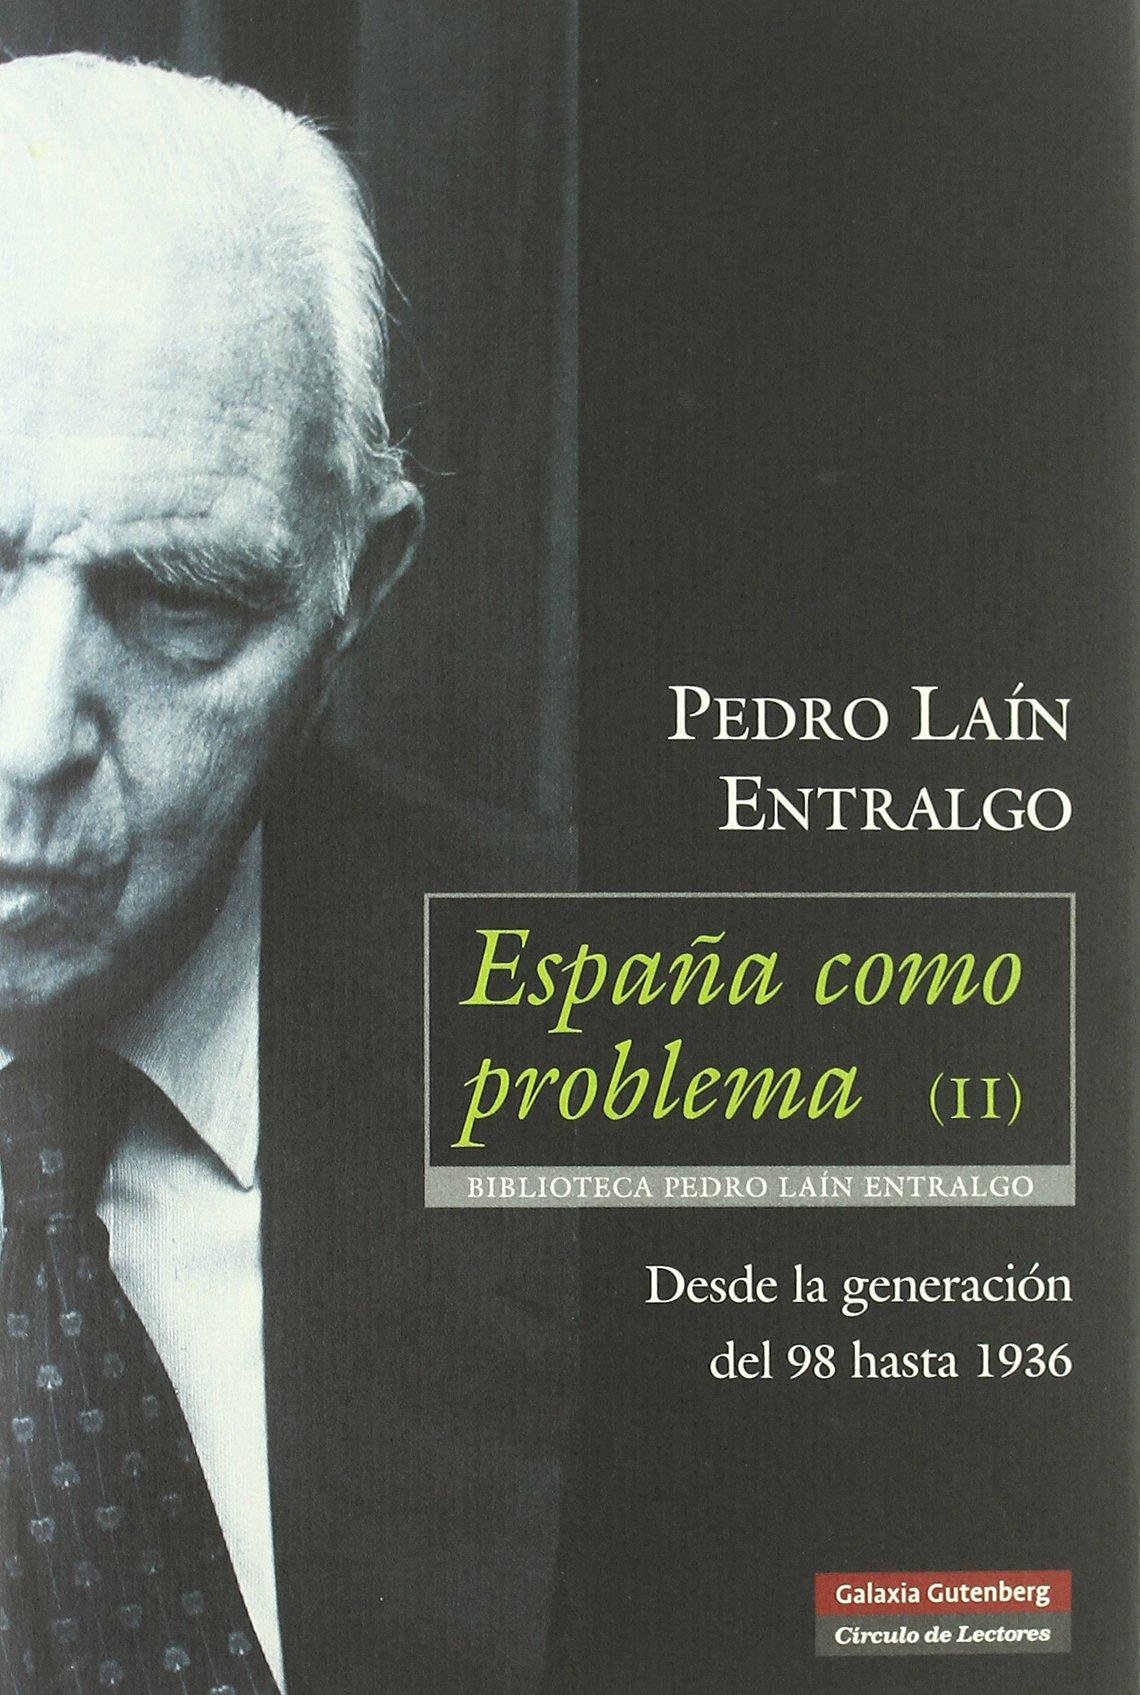 espana-como-problema.jpg